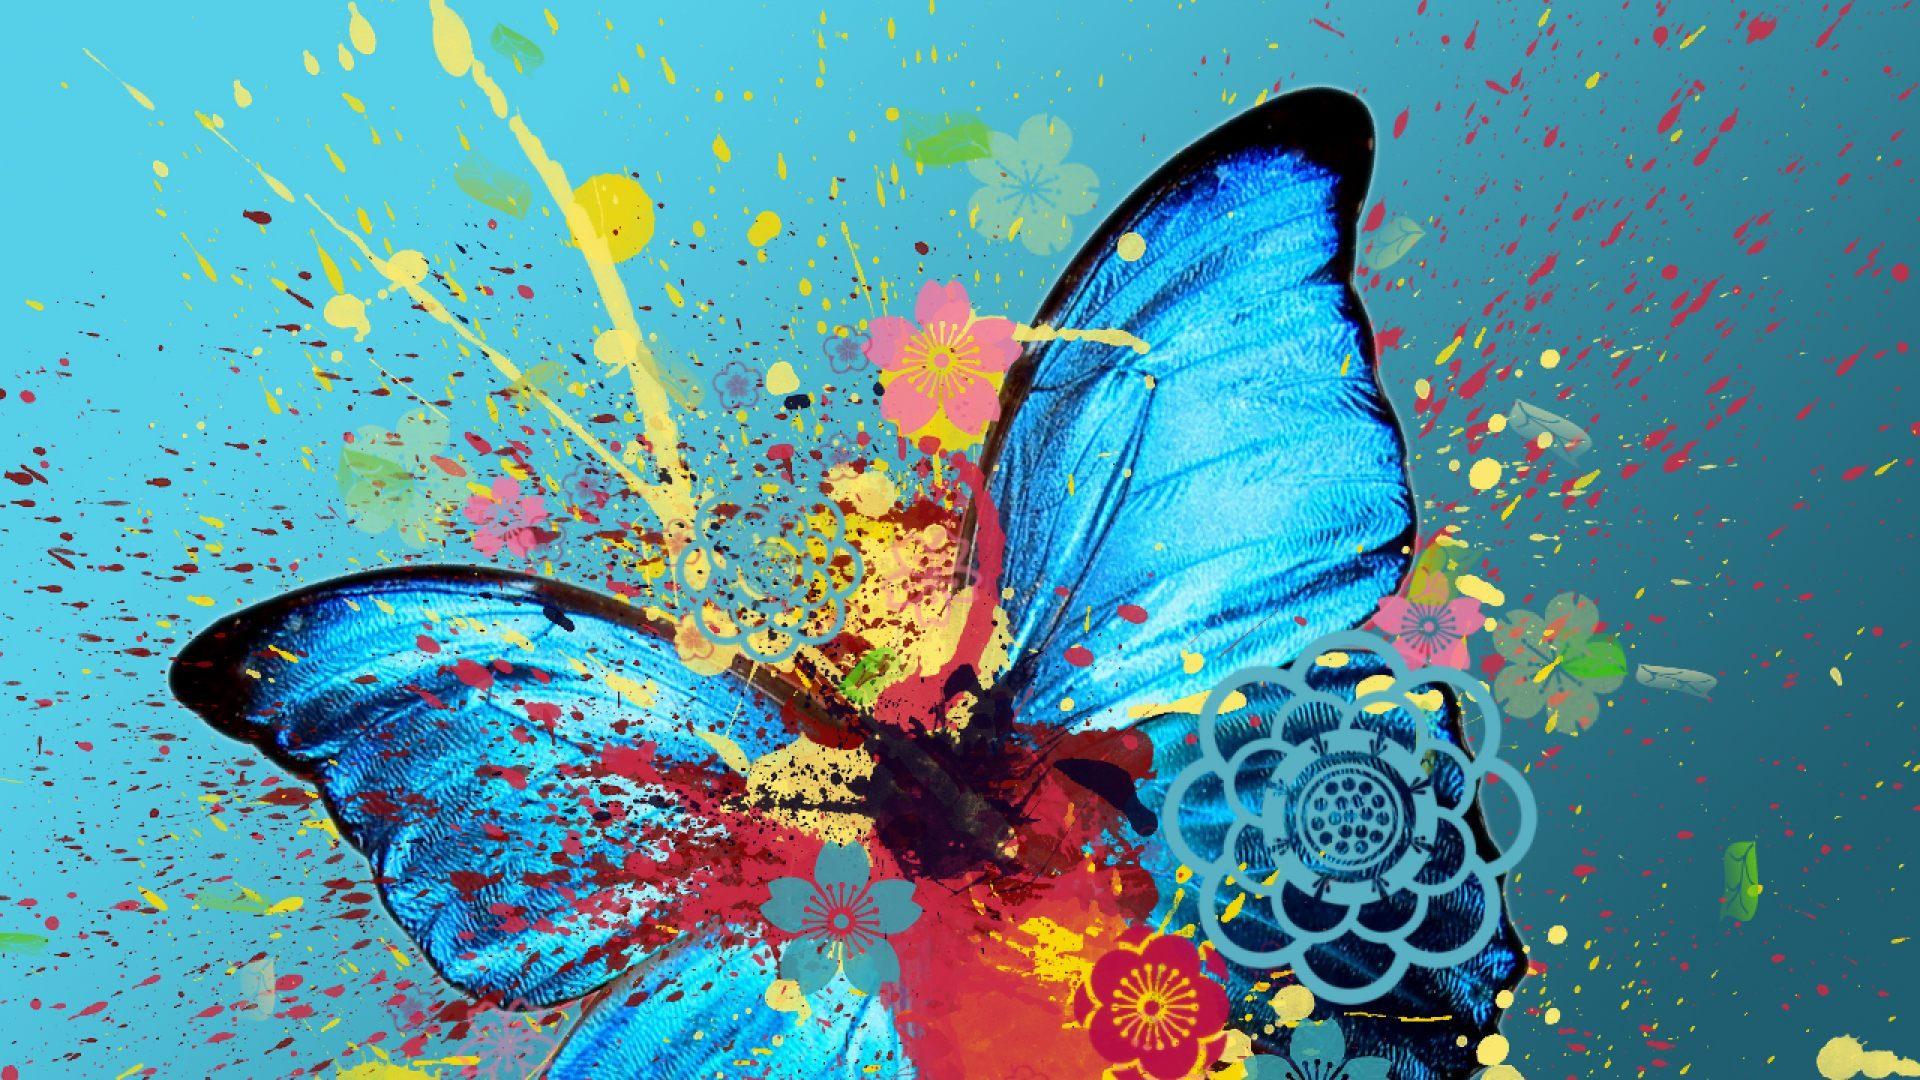 Wallpaper De Una Mariposa